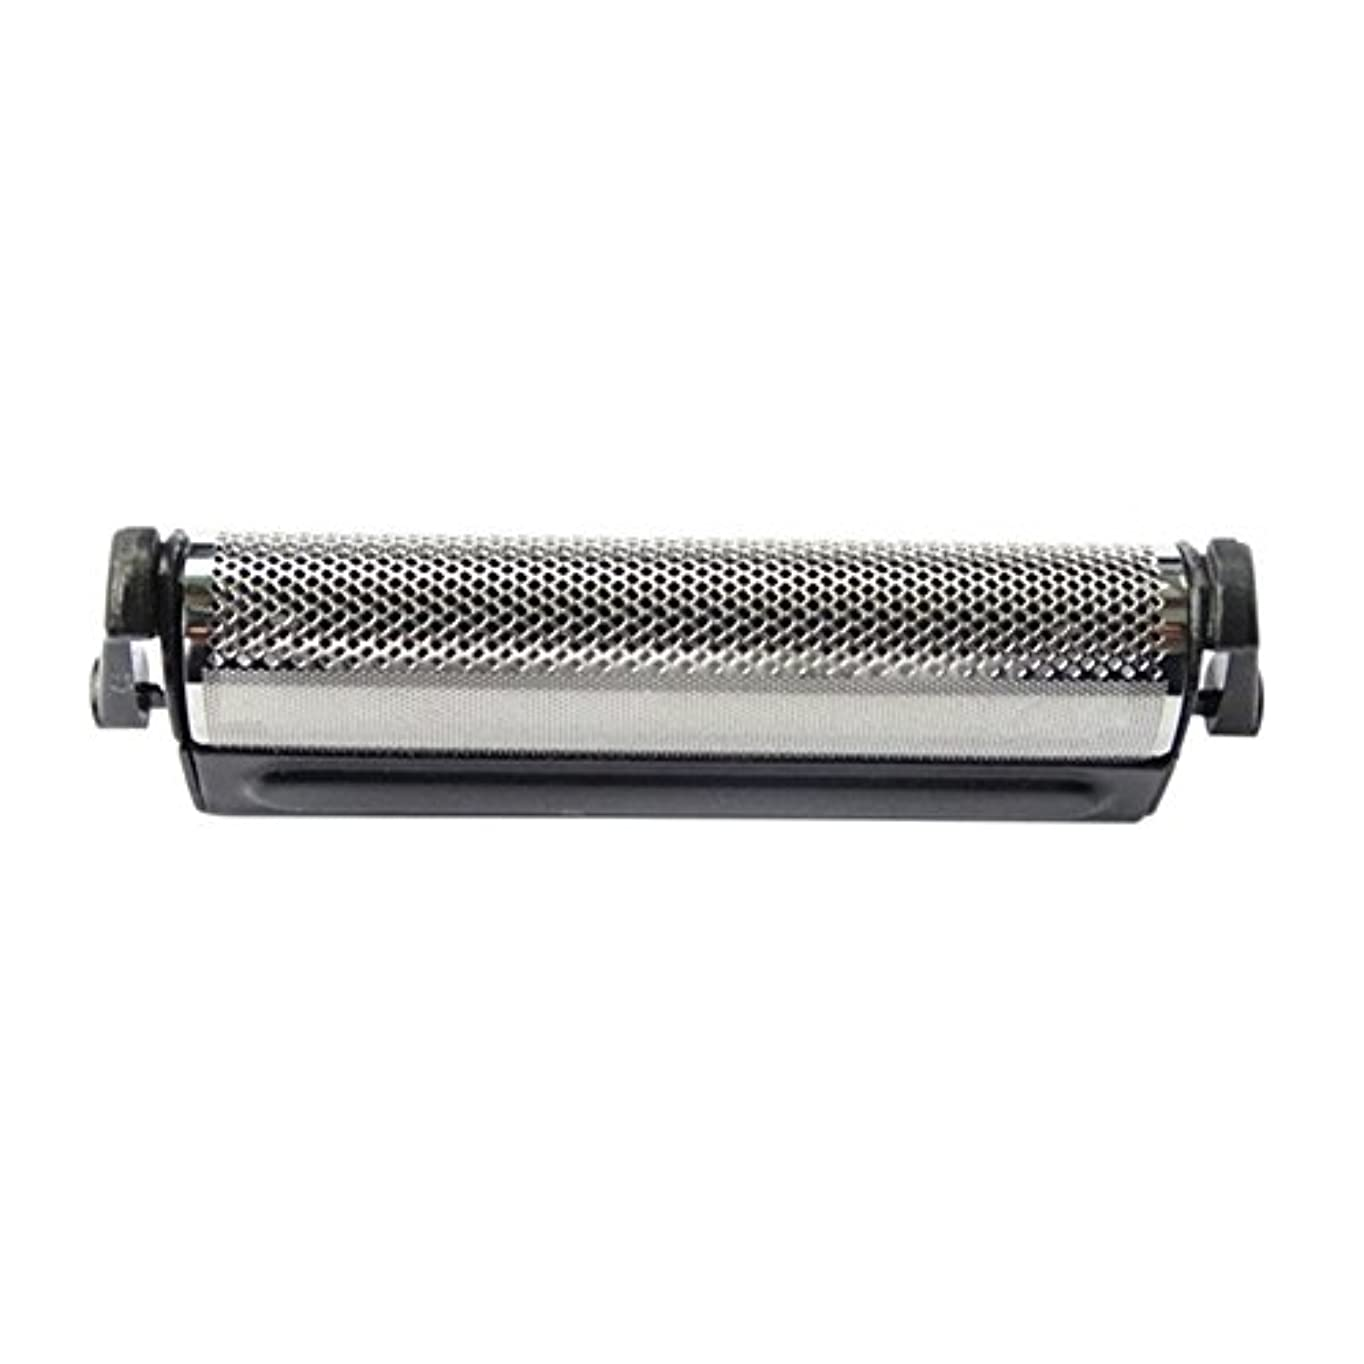 アソシエイト準備するびっくりHZjundasi シェーバー剃刀 Outer ホイル for Panasonic ES518/RC20/5821/5801 ES9933C